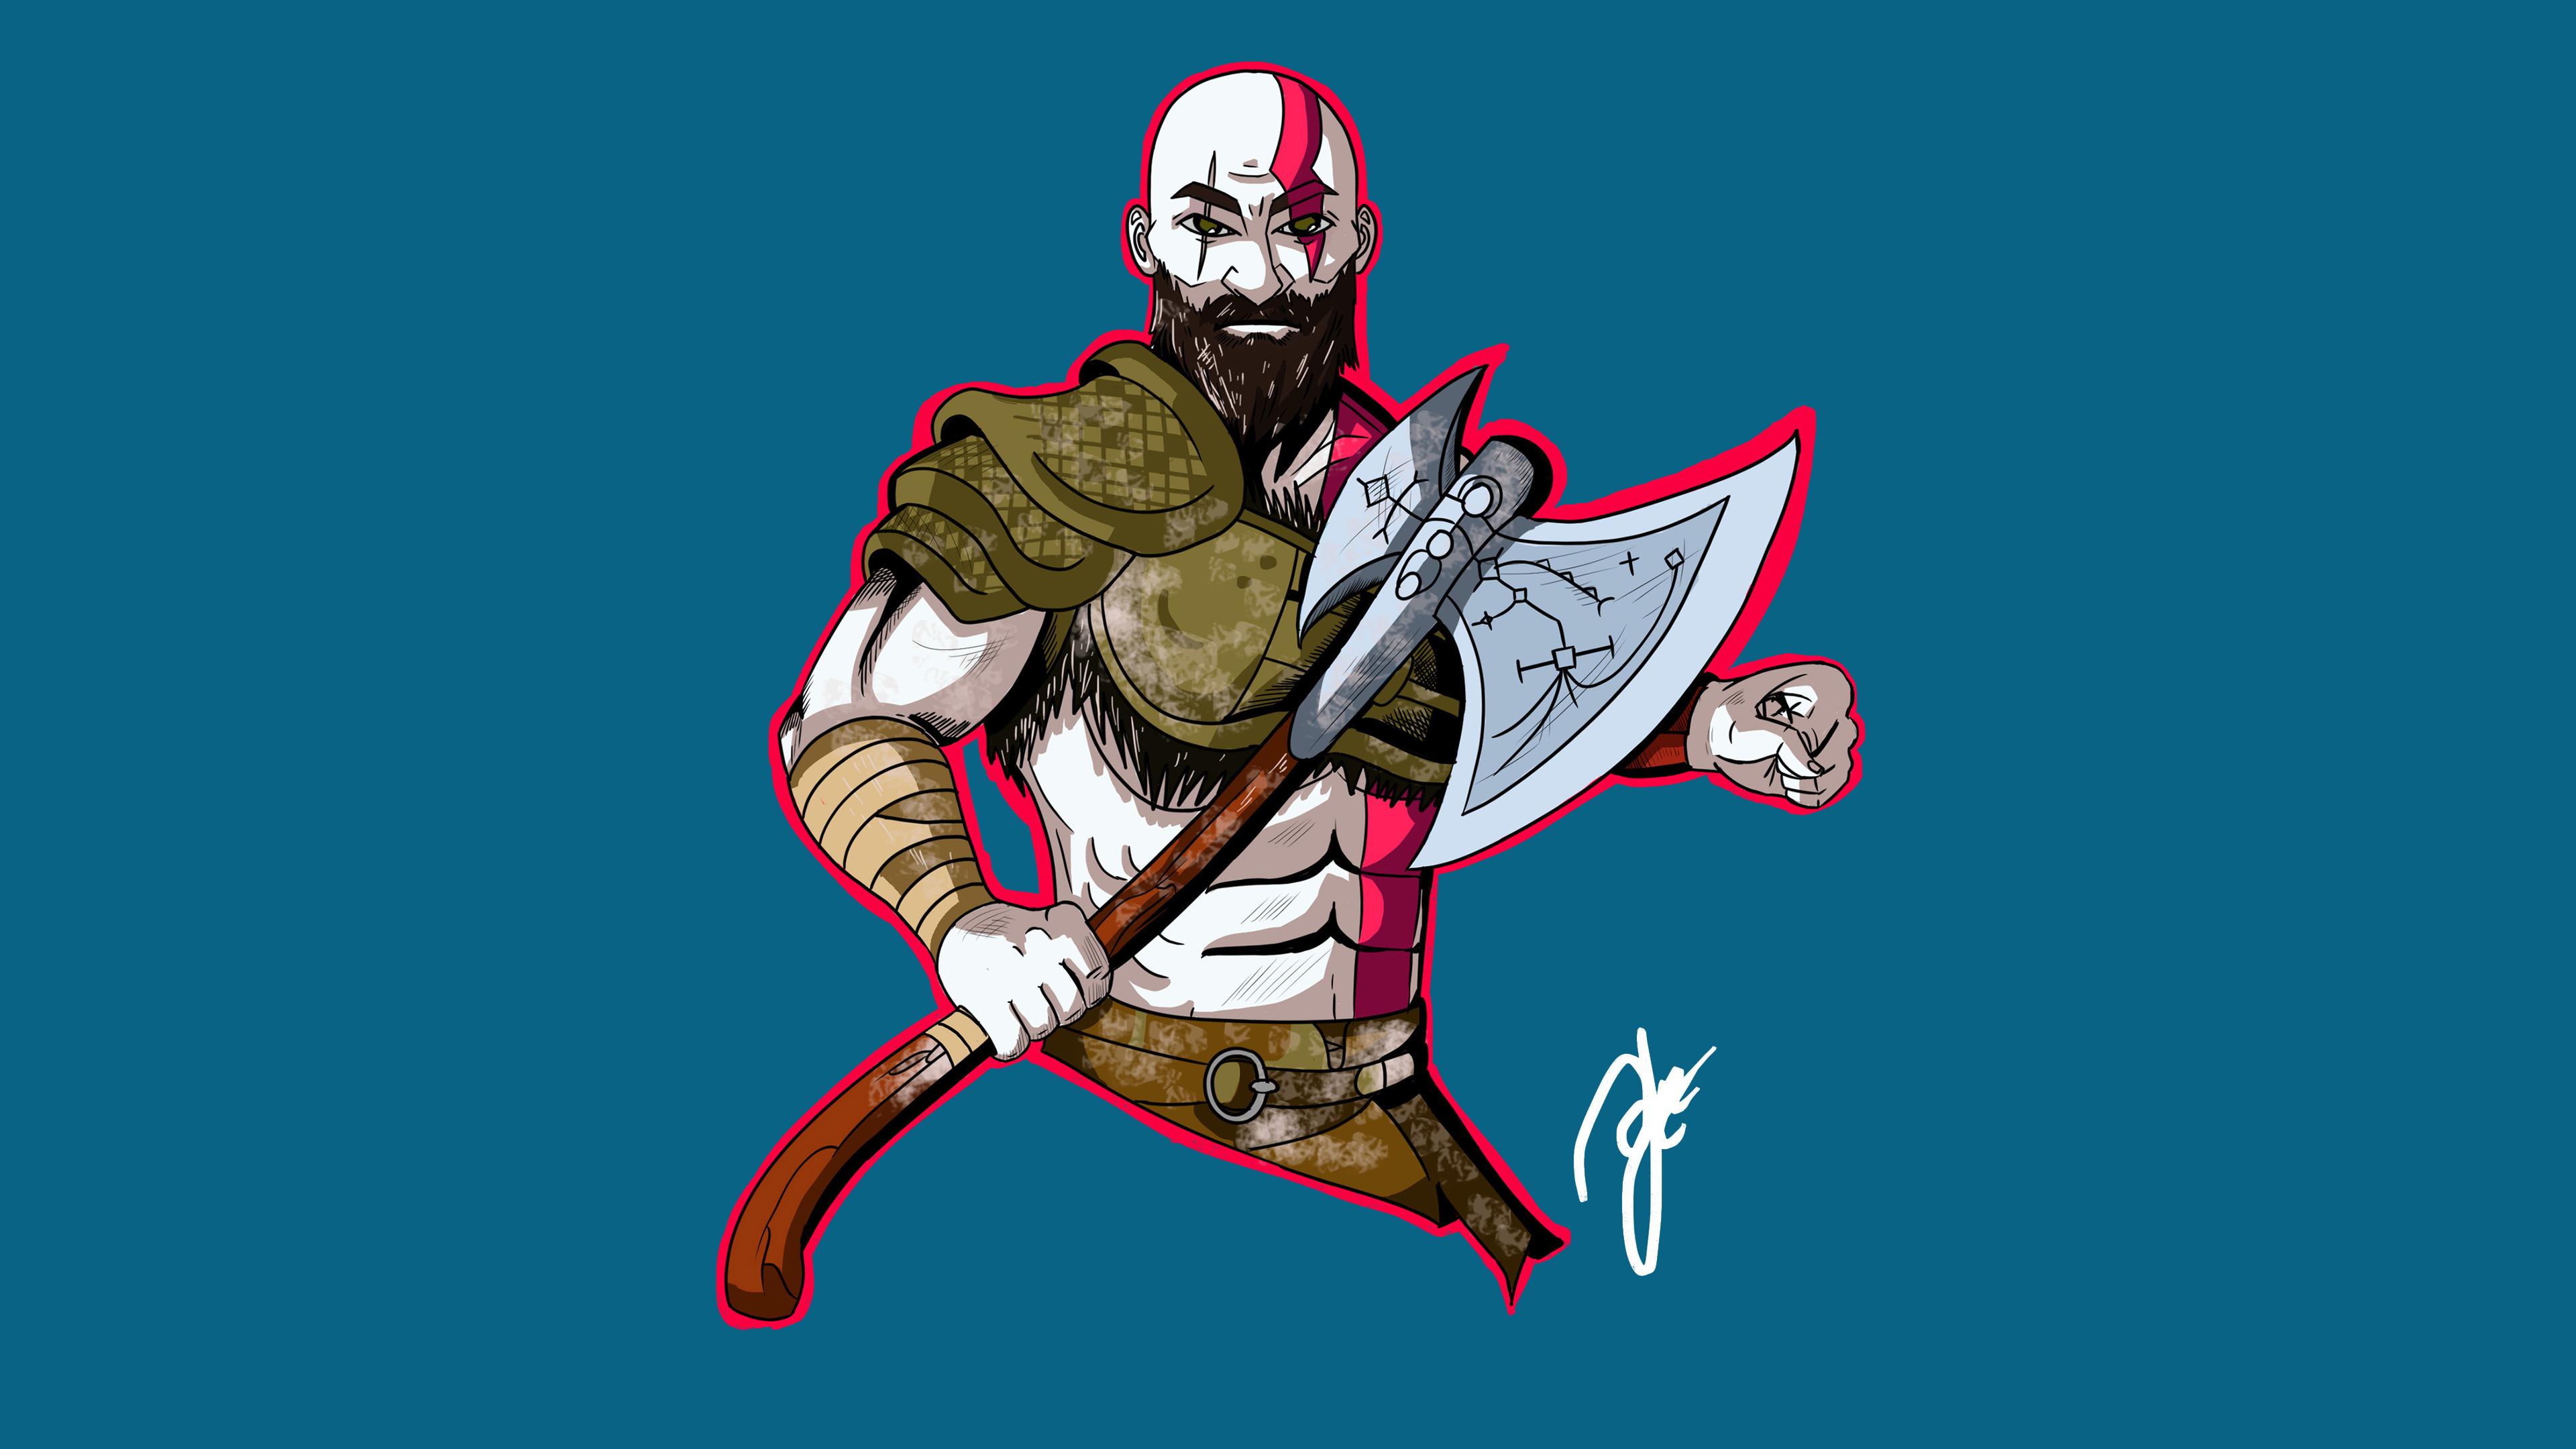 kratos god of war artwork 4k 1537691480 - Kratos God Of War Artwork 4k - kratos wallpapers, hd-wallpapers, god of war wallpapers, god of war 4 wallpapers, games wallpapers, digital art wallpapers, artwork wallpapers, artstation wallpapers, artist wallpapers, 4k-wallpapers